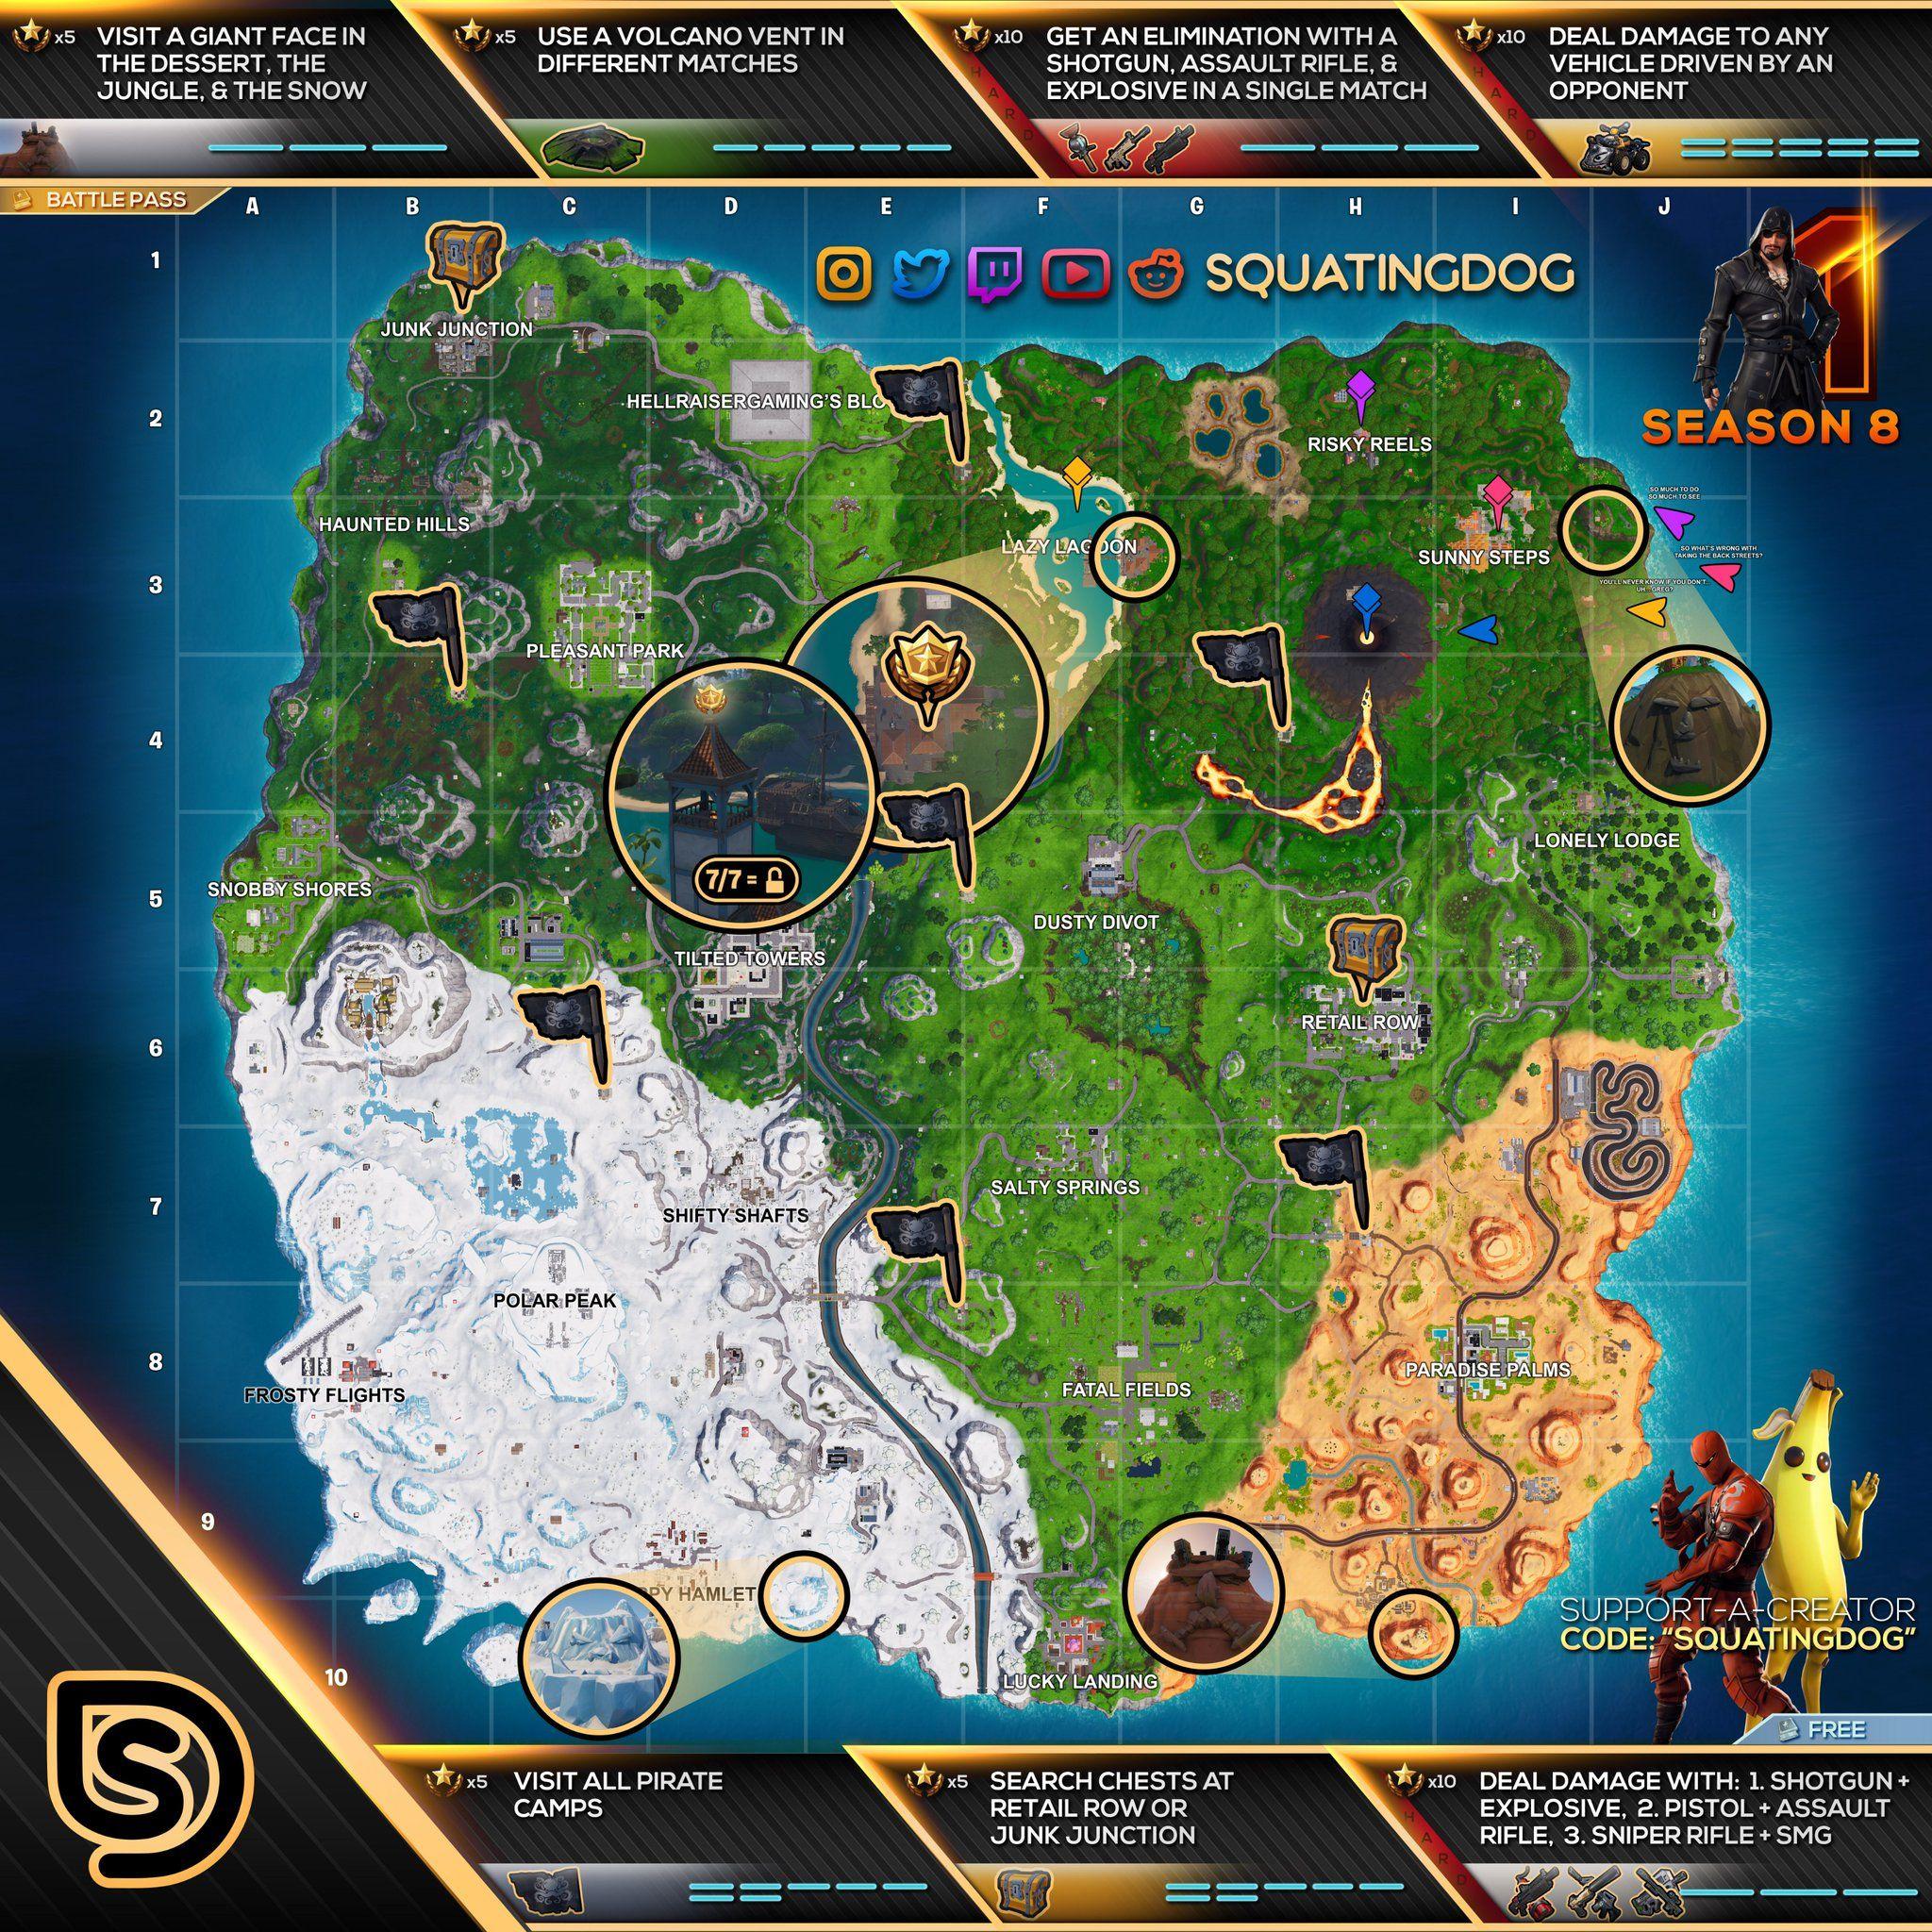 Mapa Temporada 8 Fortnite.Guia Desafios Temporada 8 Fortnite Chula En 2019